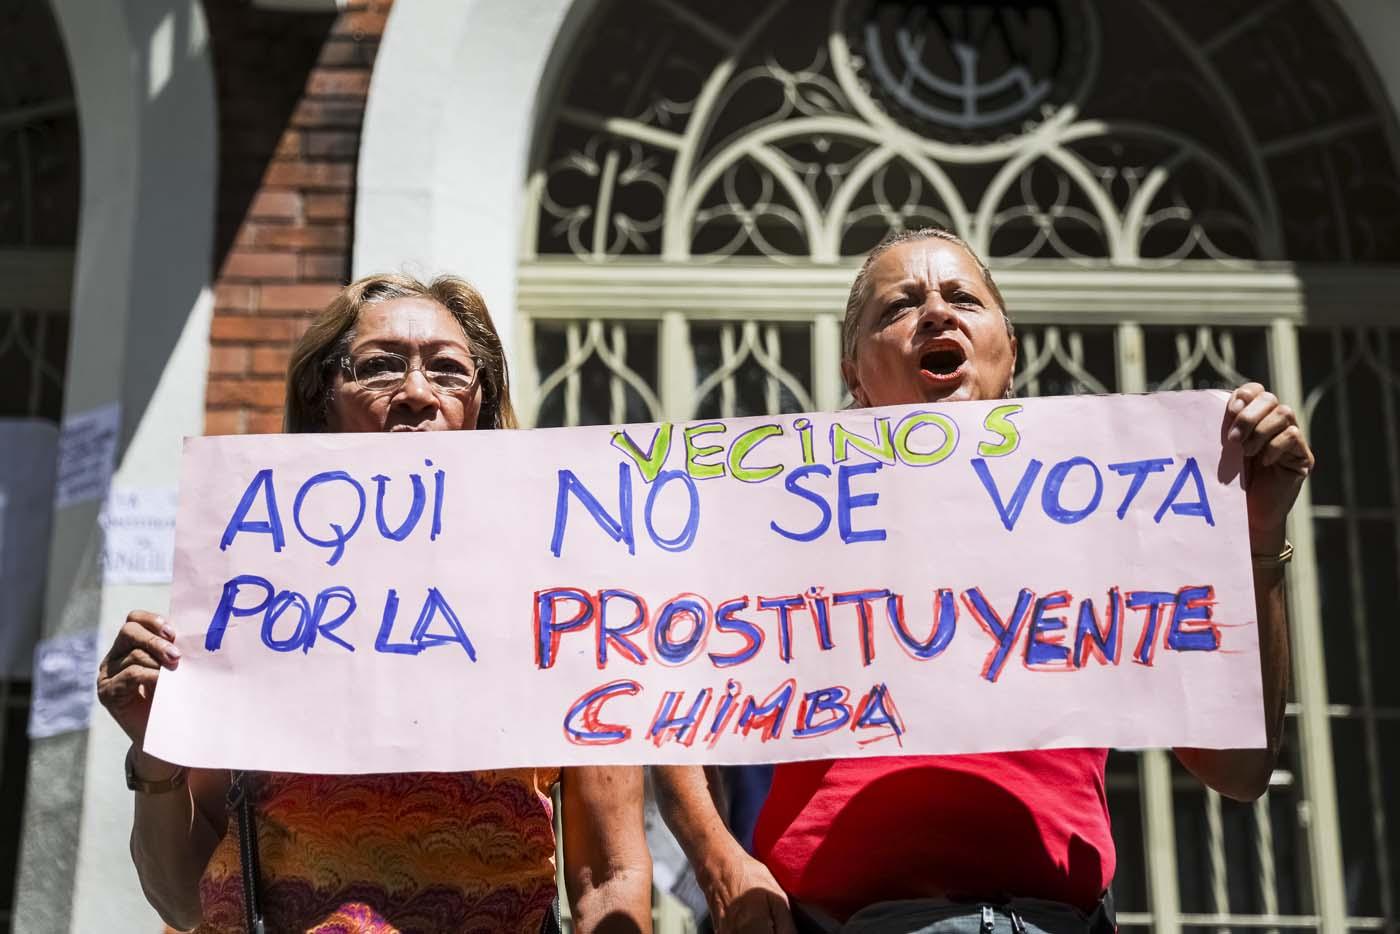 CAR05. CARACAS (VENEZUELA), 24/07/2017.- Dos mujeres se manifiestan en rechazo a la Asamblea Constituyente hoy, lunes 24 de julio de 2017, en un colegio electoral de Caracas (Venezuela). Venezuela inicia hoy la semana decisiva para la elección de la Asamblea Nacional Constituyente convocada por el presidente, Nicolás Maduro, con los oficialistas entrando en la recta final de su campaña en medio de protestas y llamados a paro de los opositores en rechazo a esos comicios. EFE/Miguel Gutiérrez